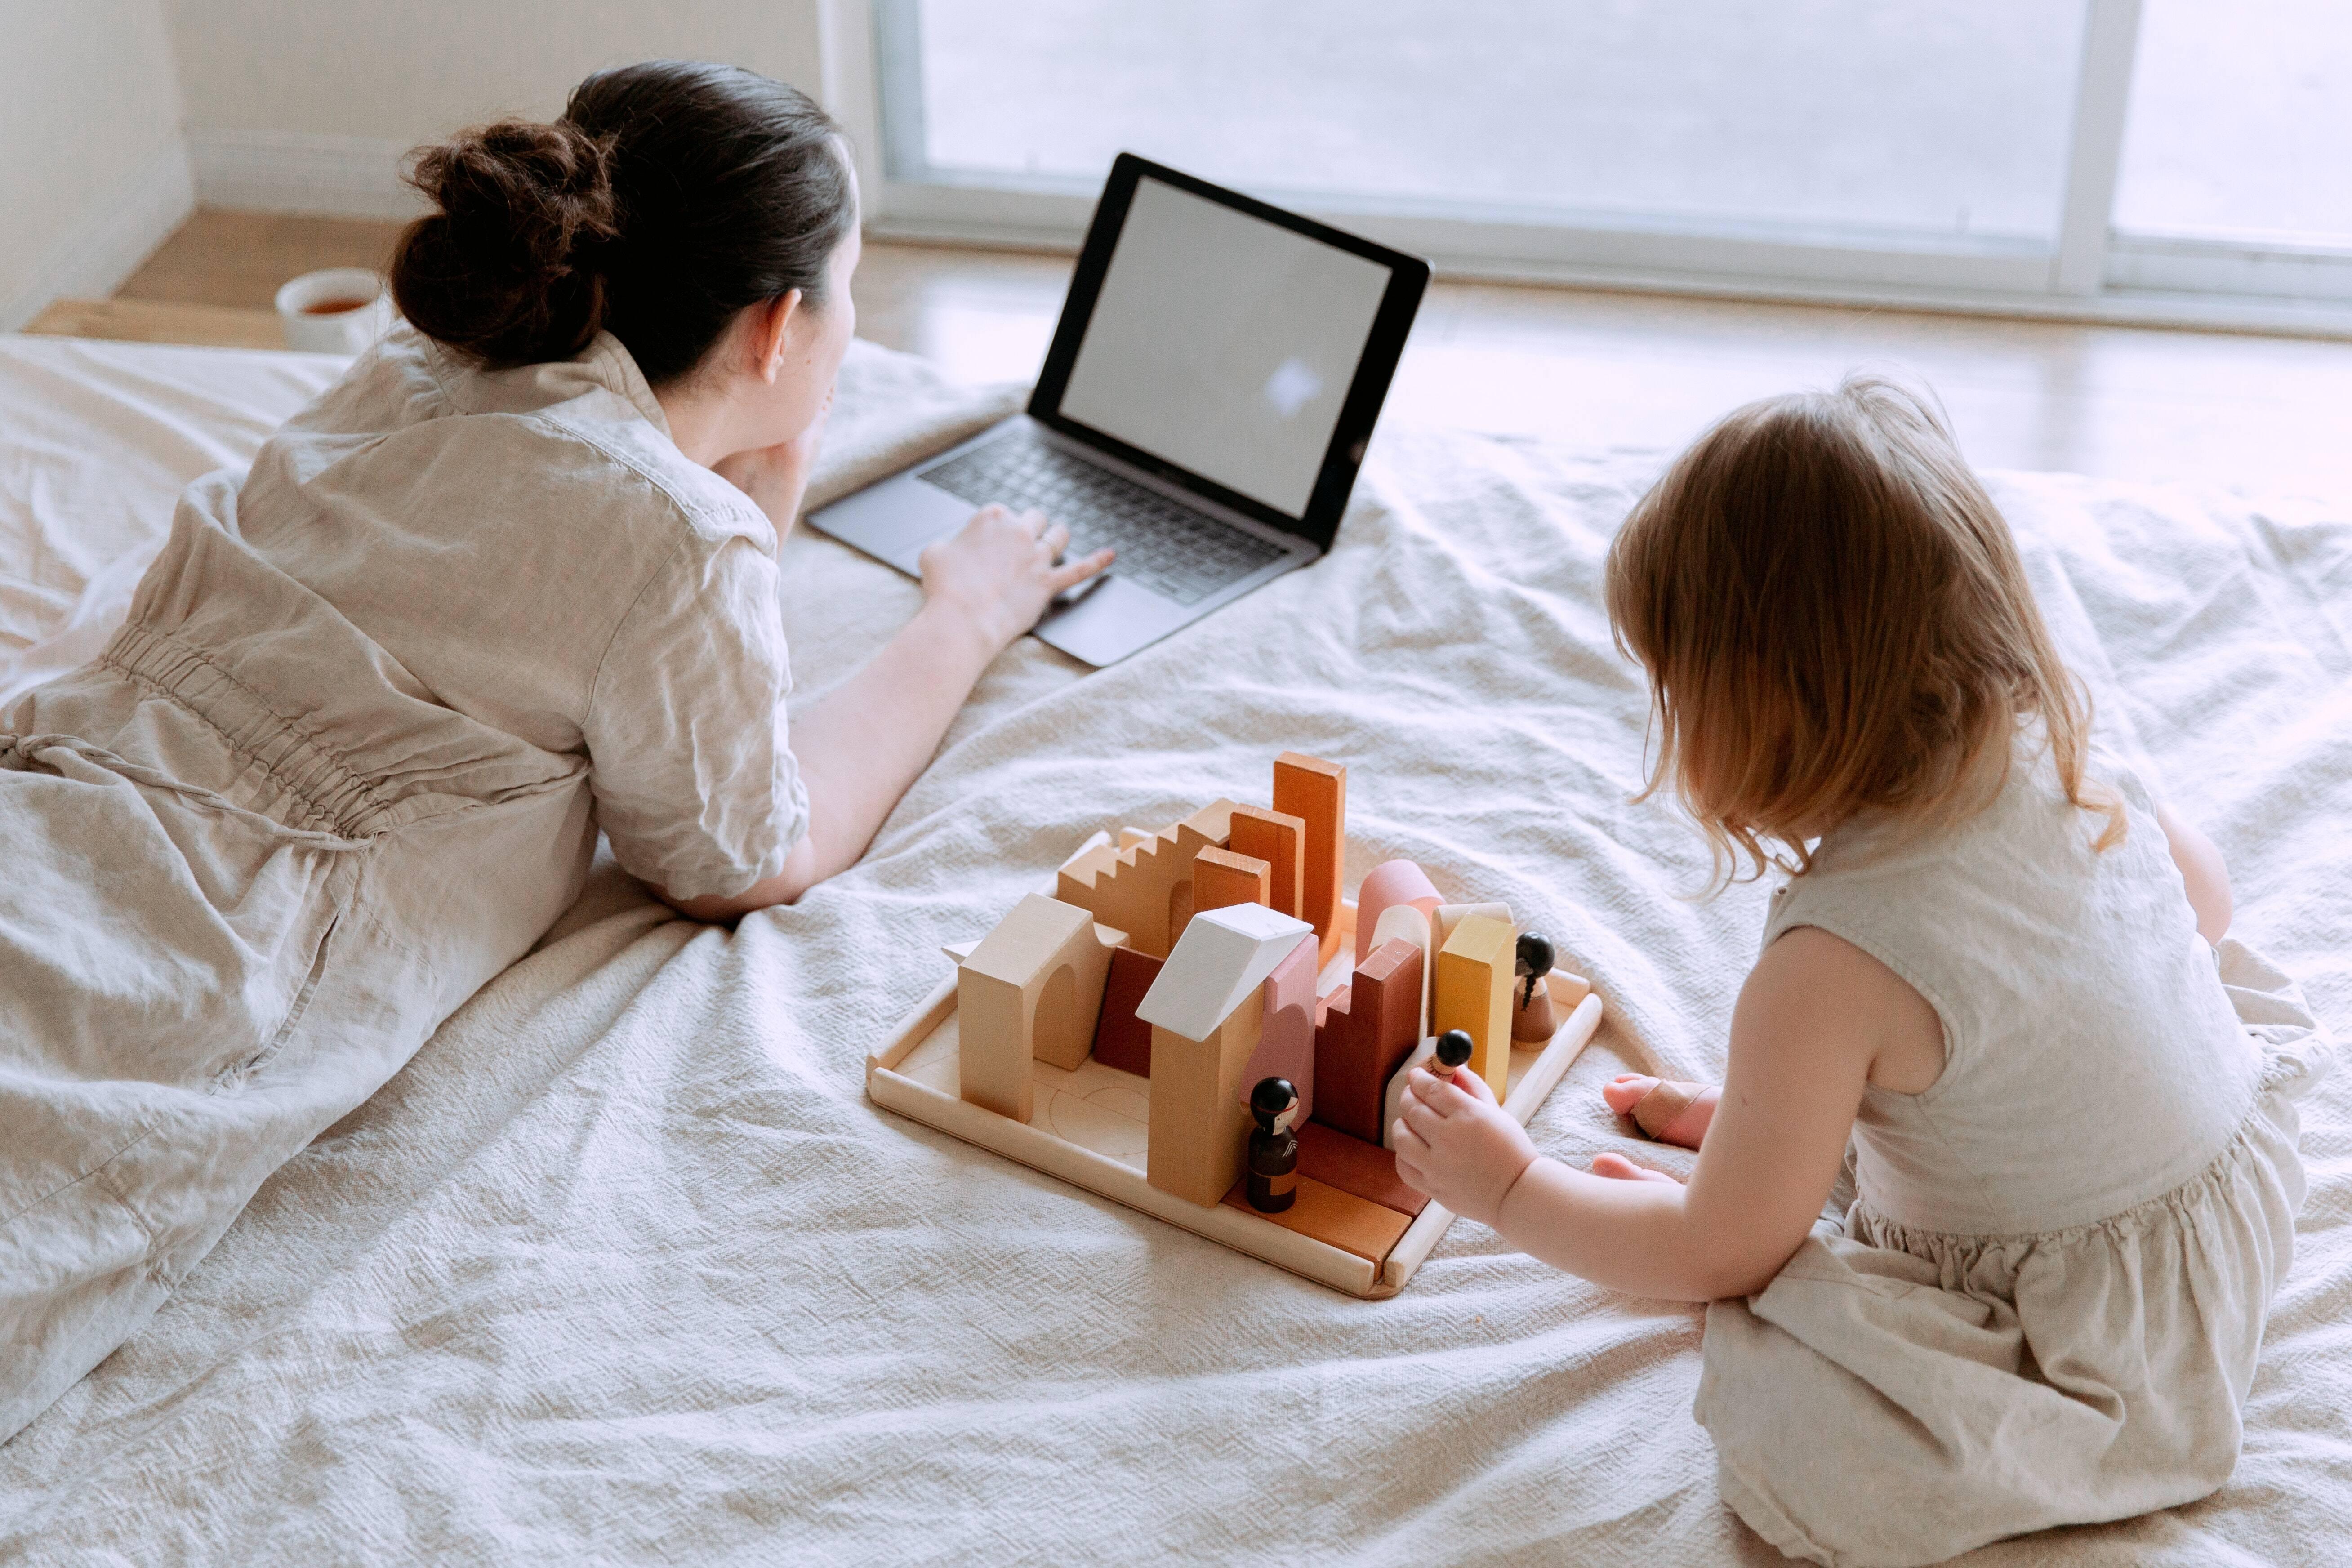 Os avisos ajudam as crianças a compreender o que fazer e o que acontecerá se não o fizerem. Por exemplo, 'se você não parar de me interromper enquanto estou falando ao telefone com a vovó, você terá que ir para o seu quarto até que eu desligue o telefone'. (Foto: Pexels)